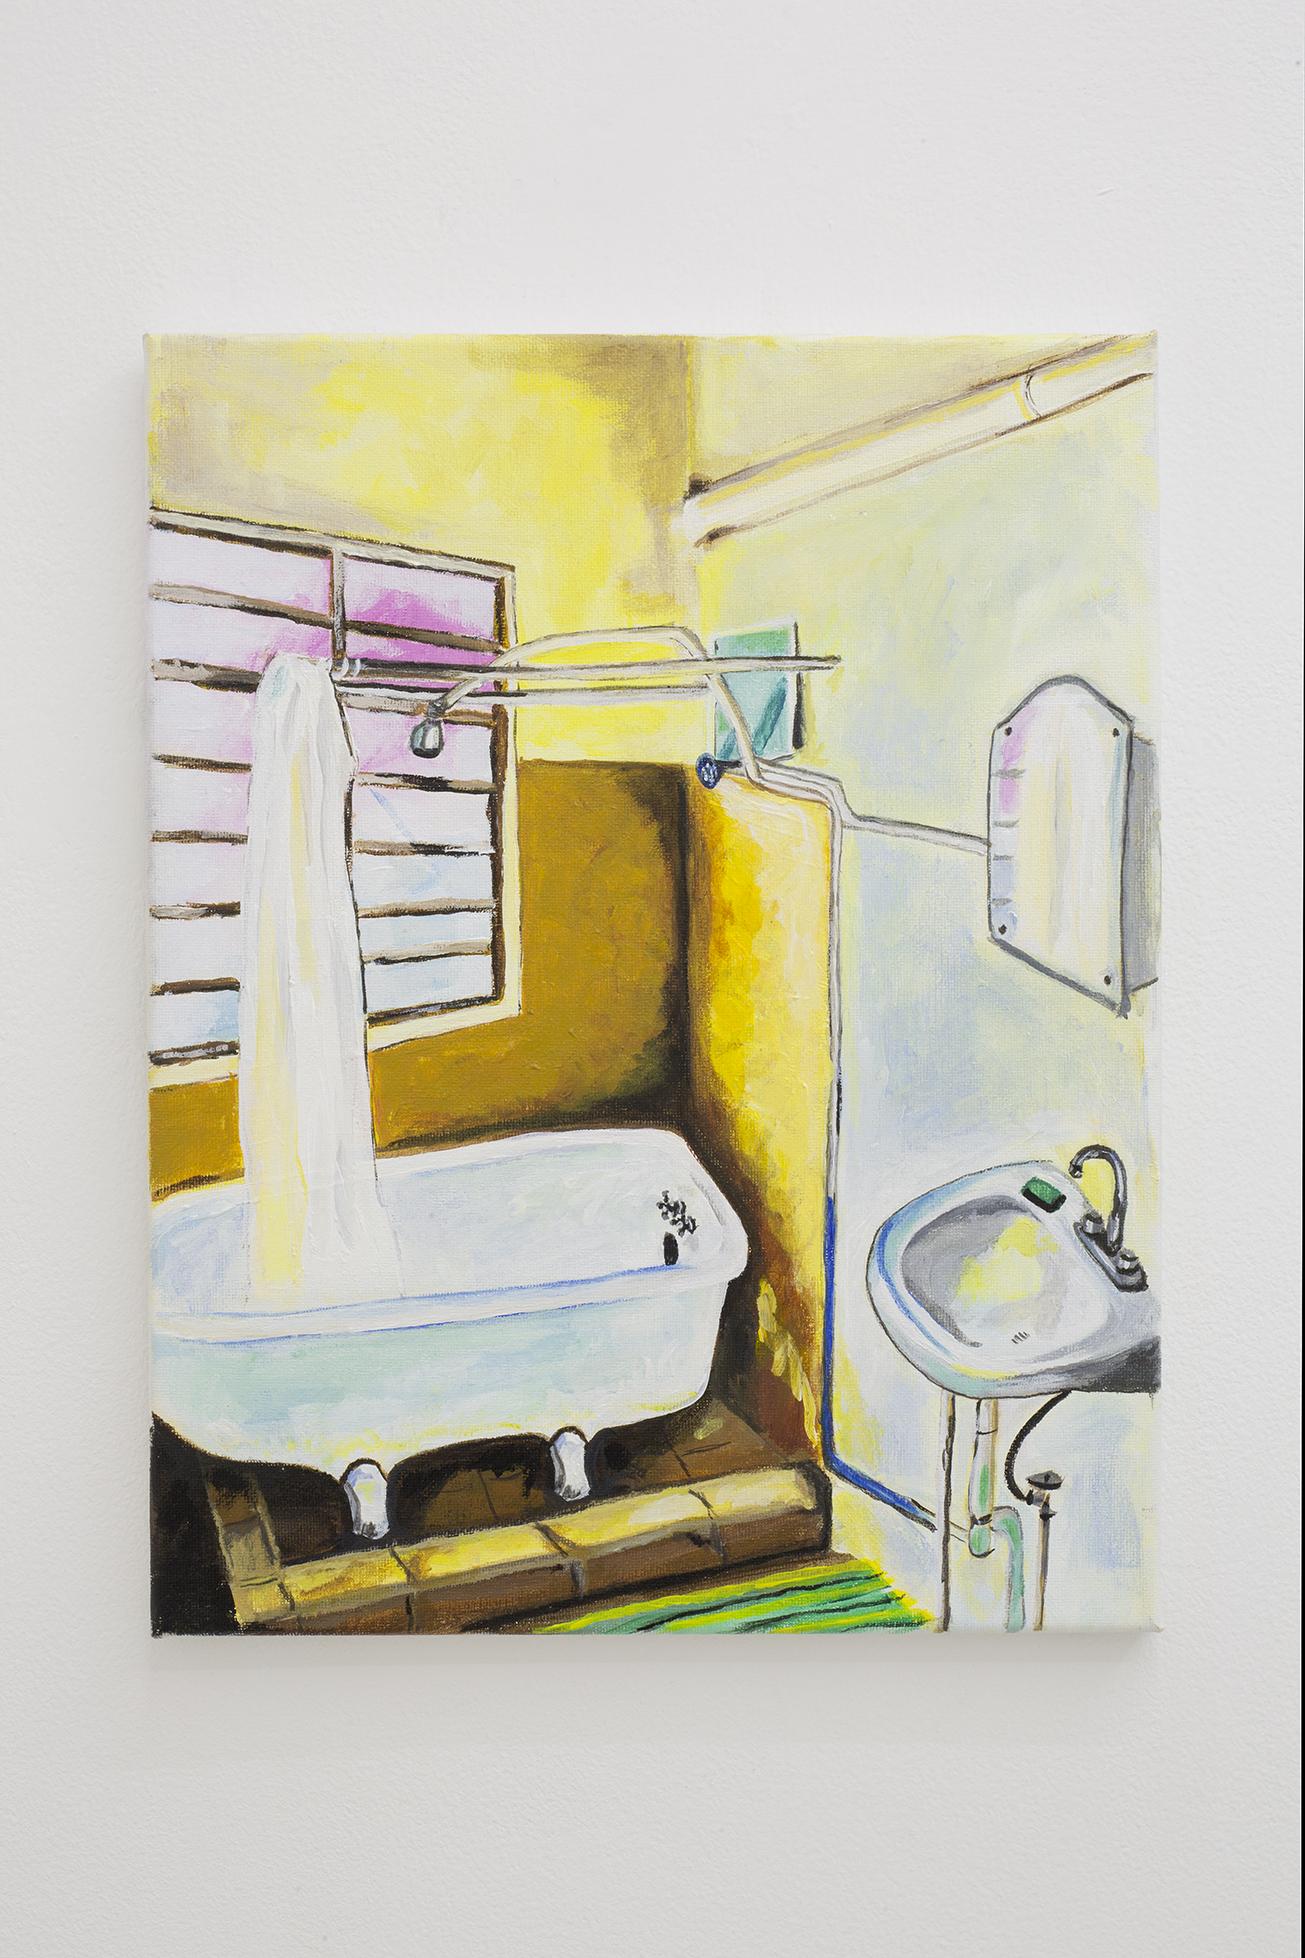 Shana Sharp, The Shower, 2018. Acrylic on canvas.  11 x 14 inch (27.94 x 35.56 cm)